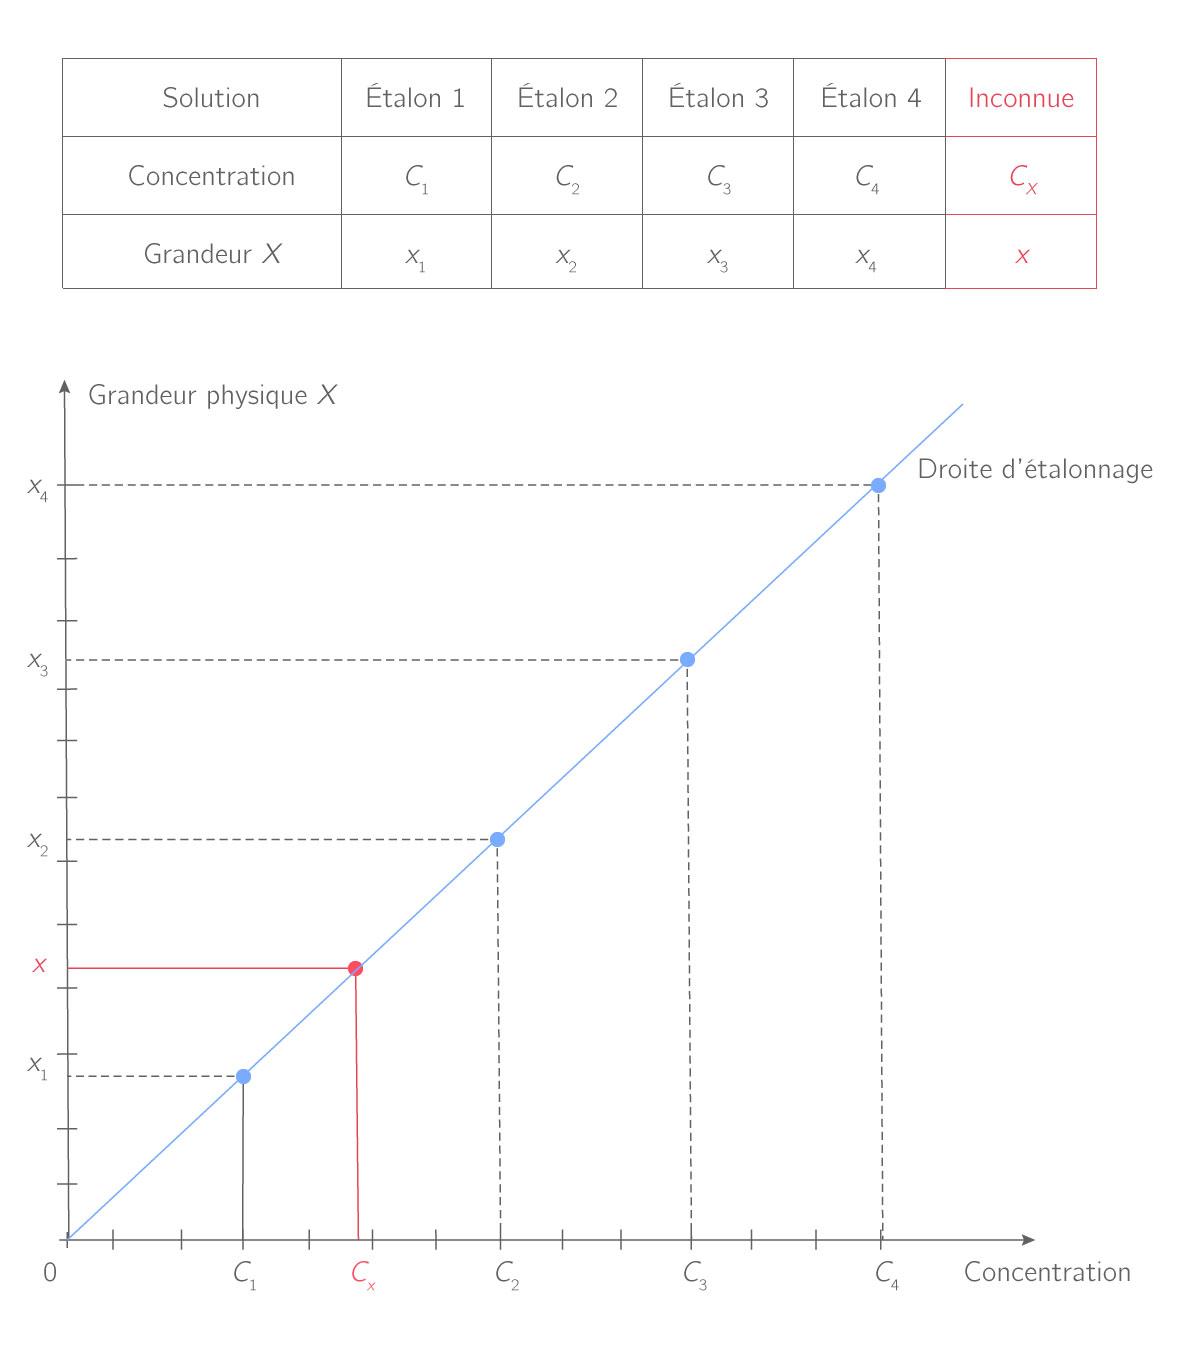 Droite d'étalonnage de la grandeur physique X en fonction de la concentration C